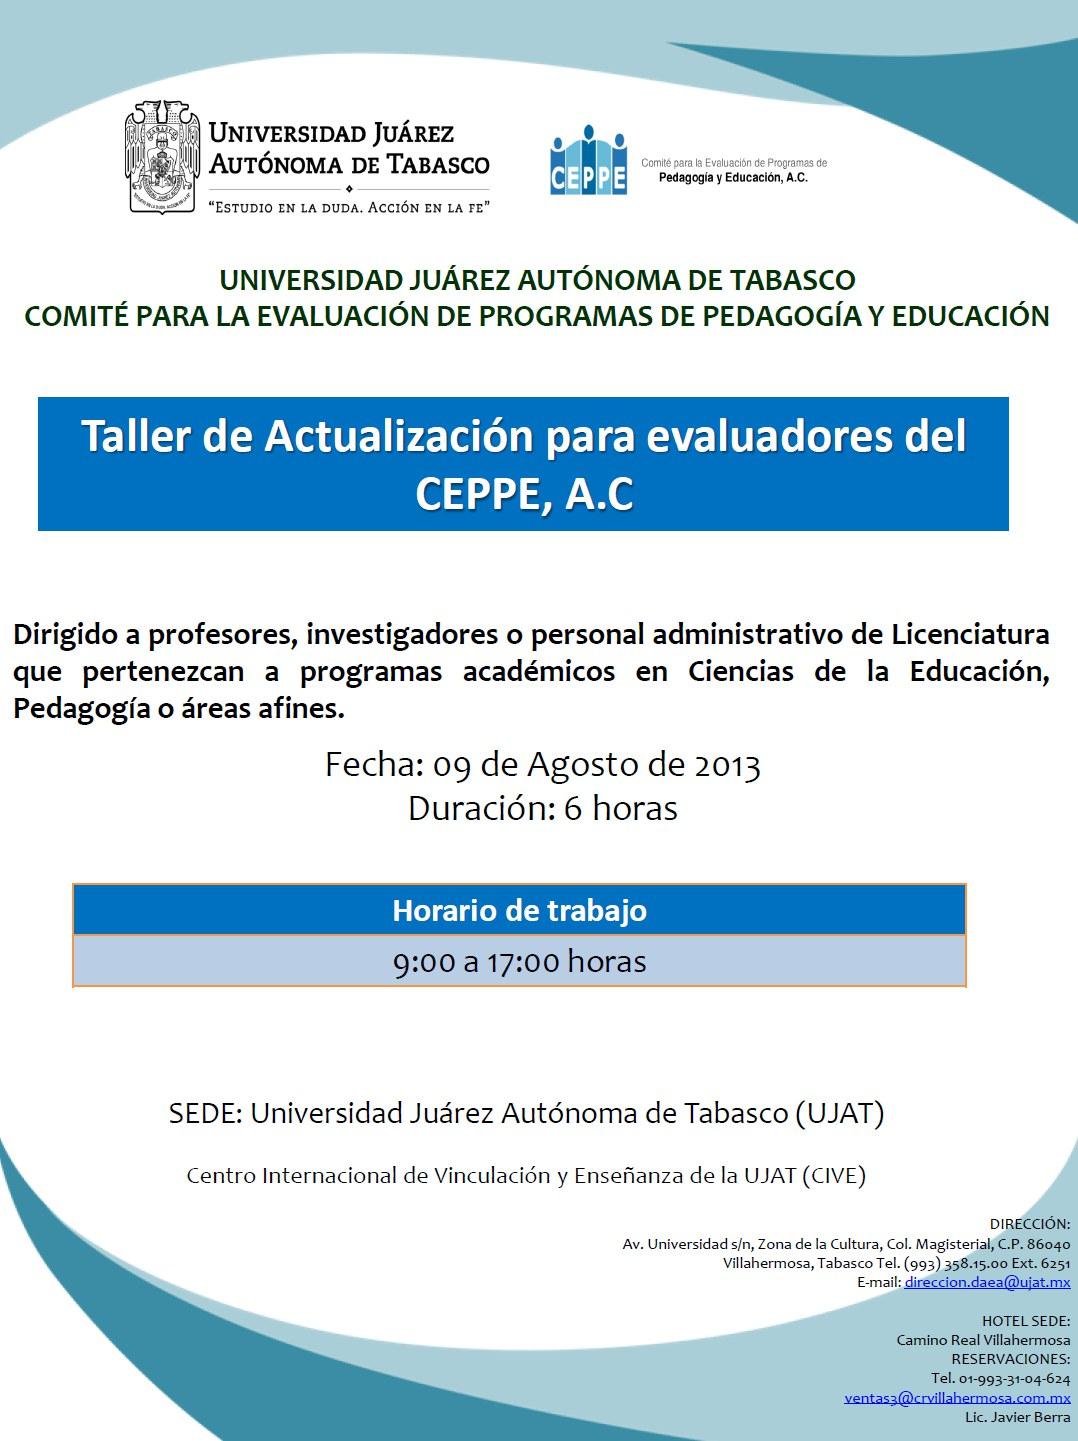 Convocatoria Taller de Actualización para evaluadores de CEPPE, AC